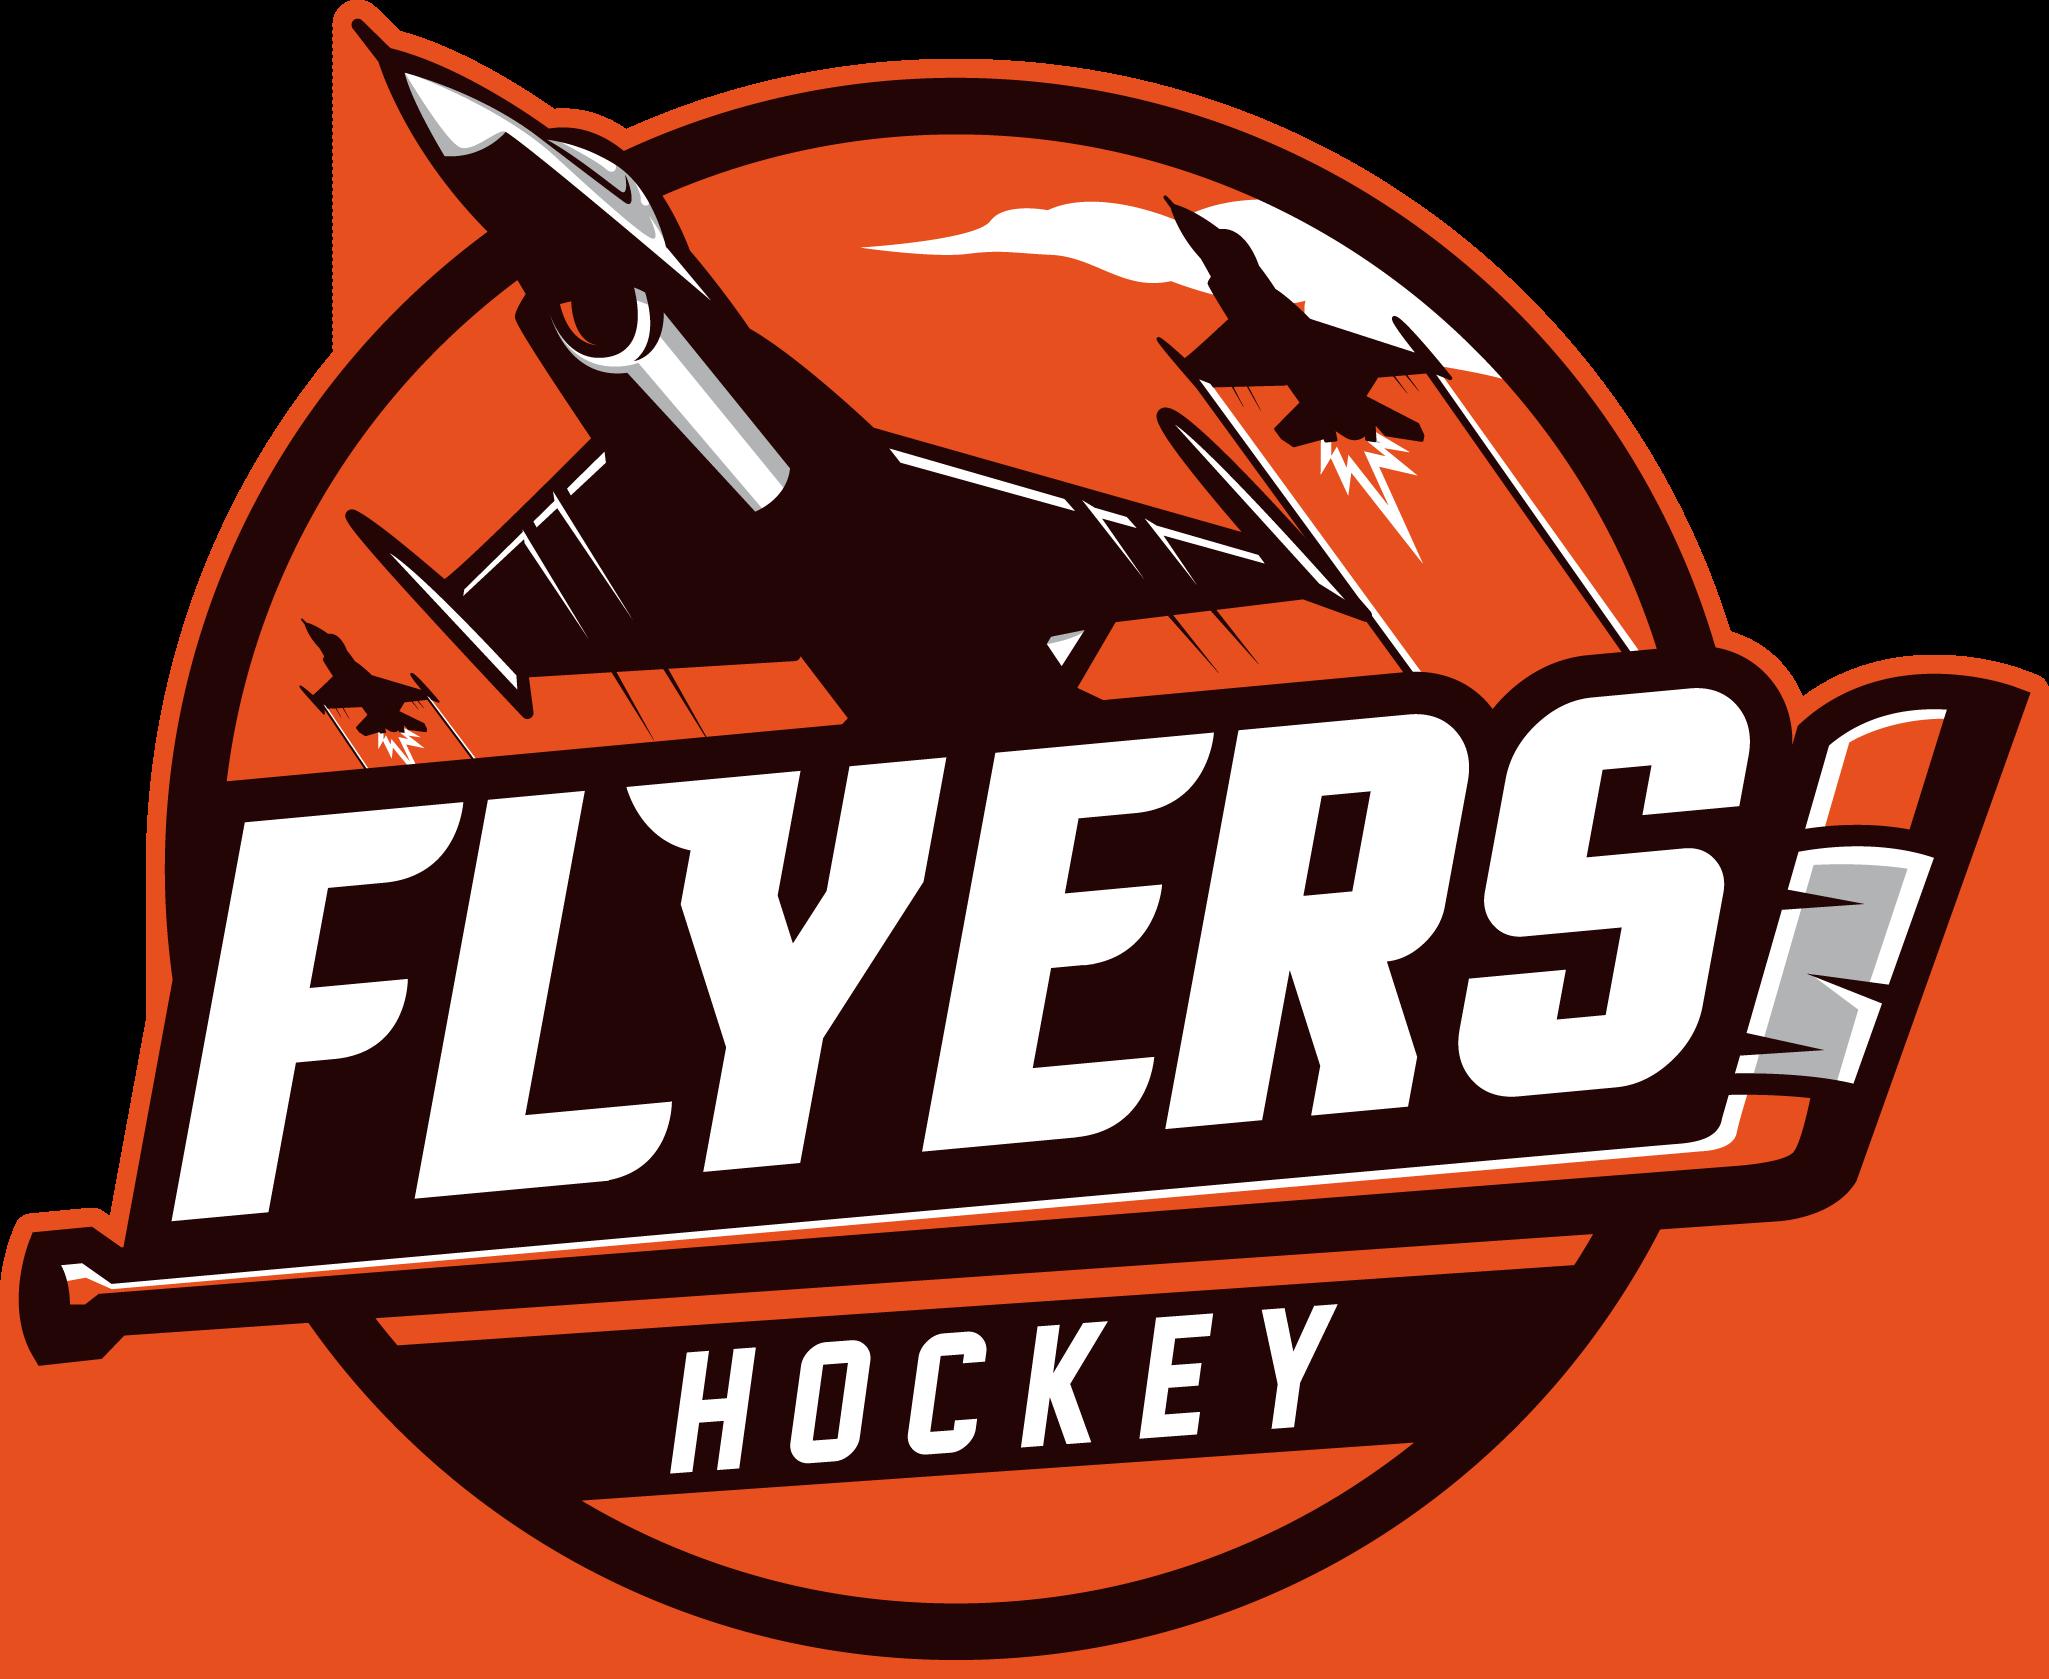 2012 Flyers